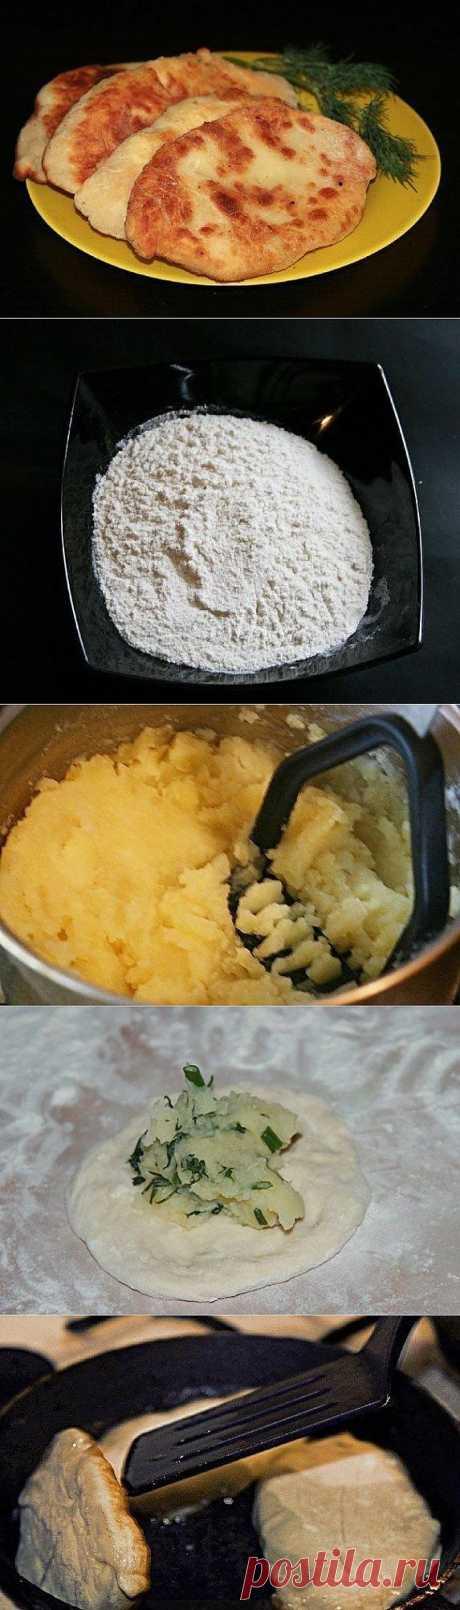 Тонкие пирожки с картошкой и сыром.